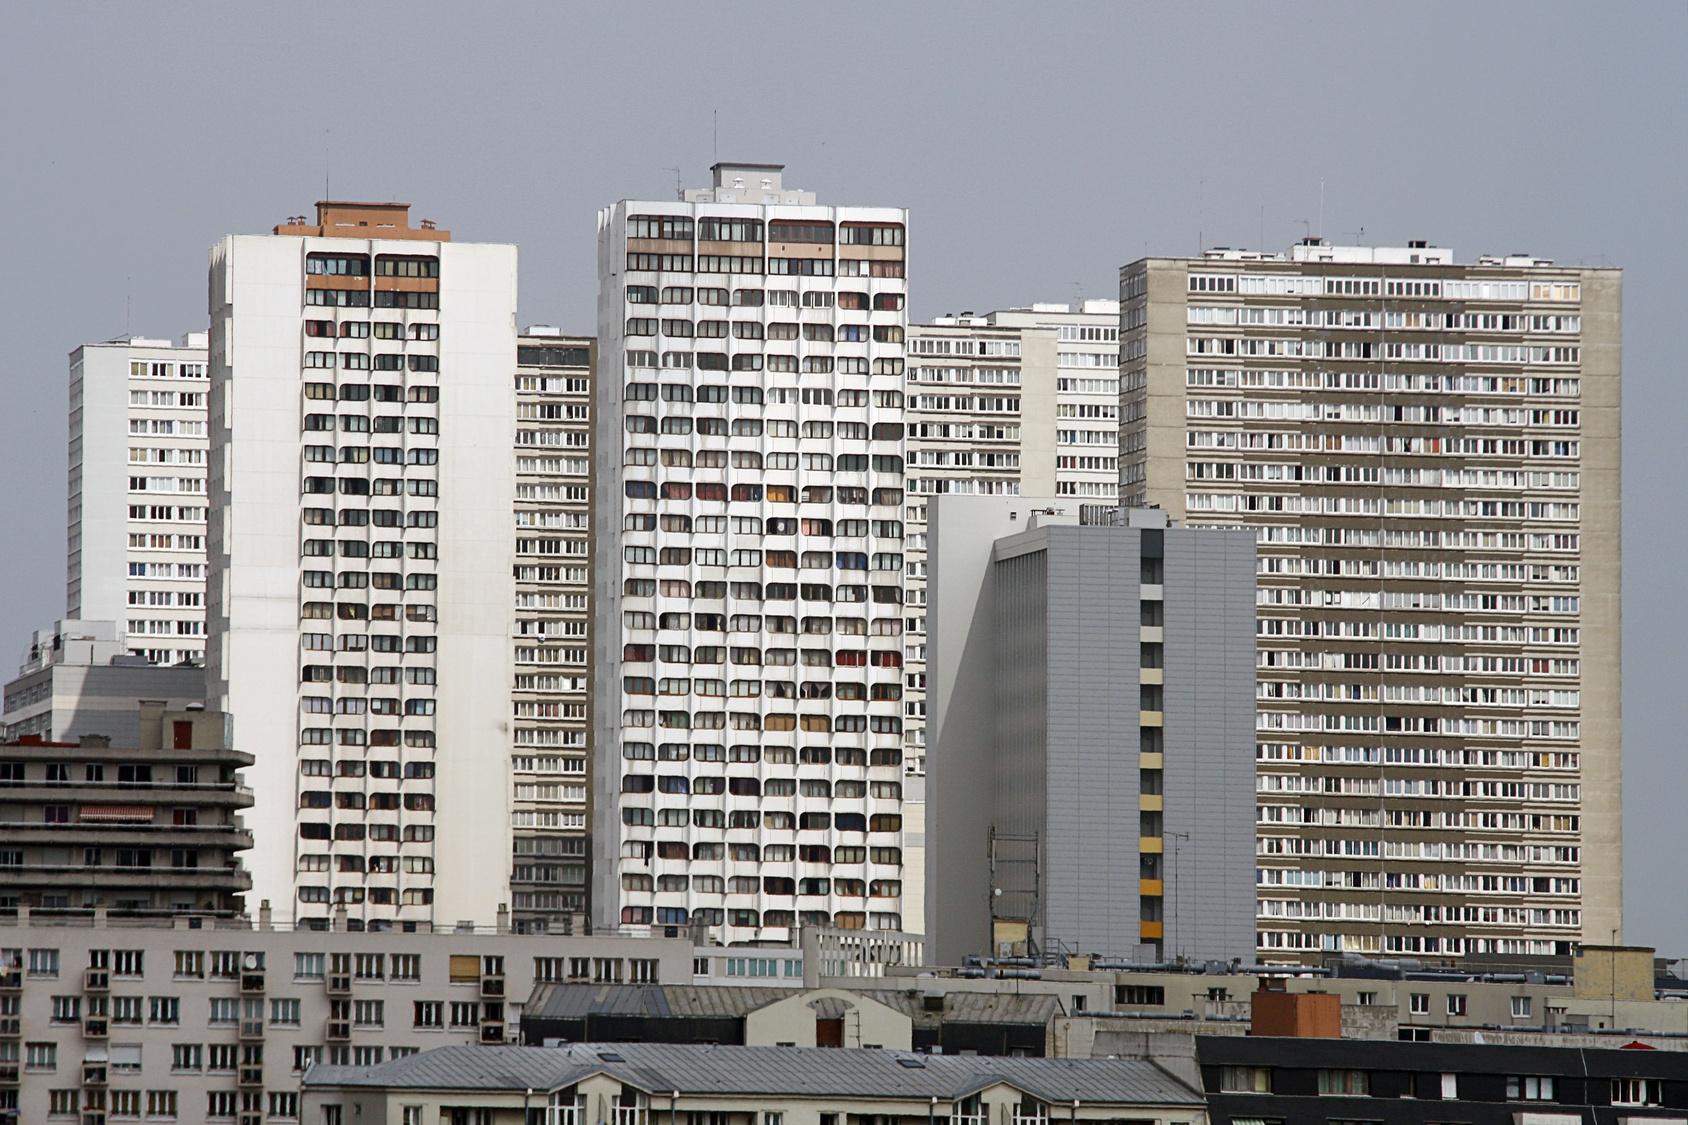 Ghettos communautaires : quelles fractures, quelles réponses ?